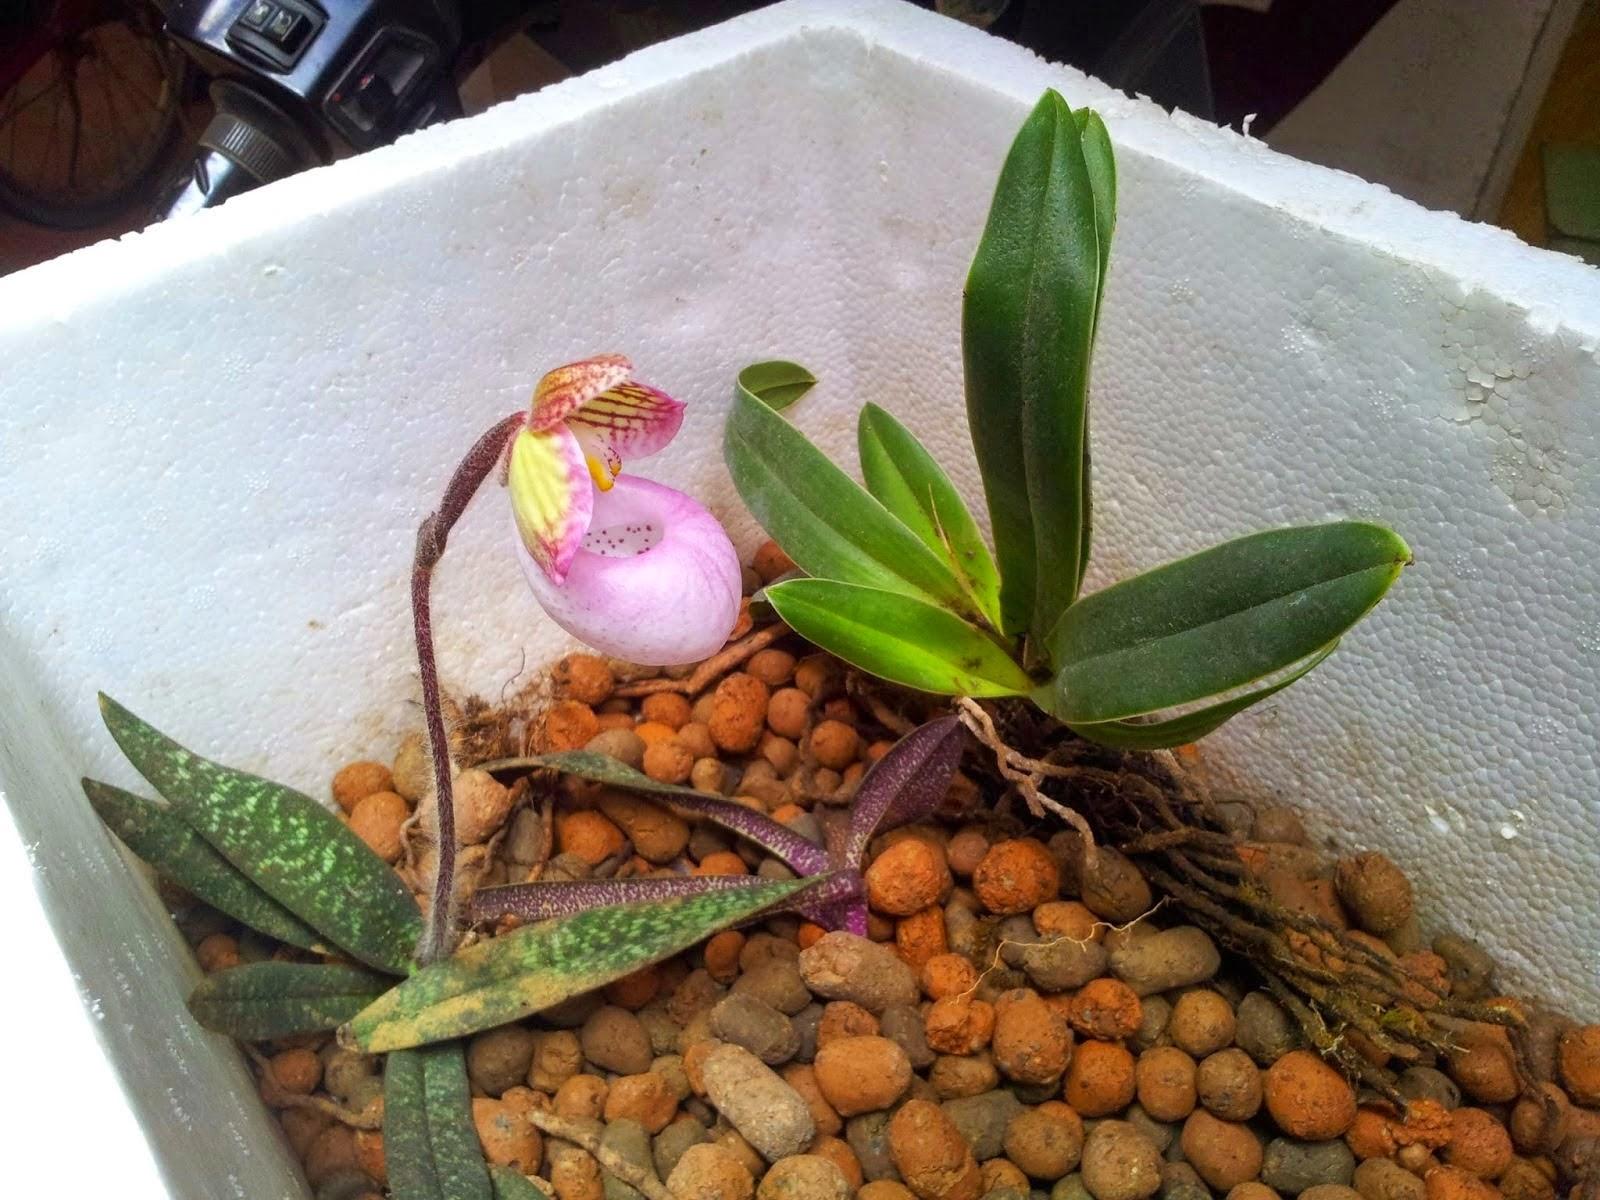 Hài Mốc Hồng có bông hoa khá to so với vóc dáng cây nhỏ bé của nó